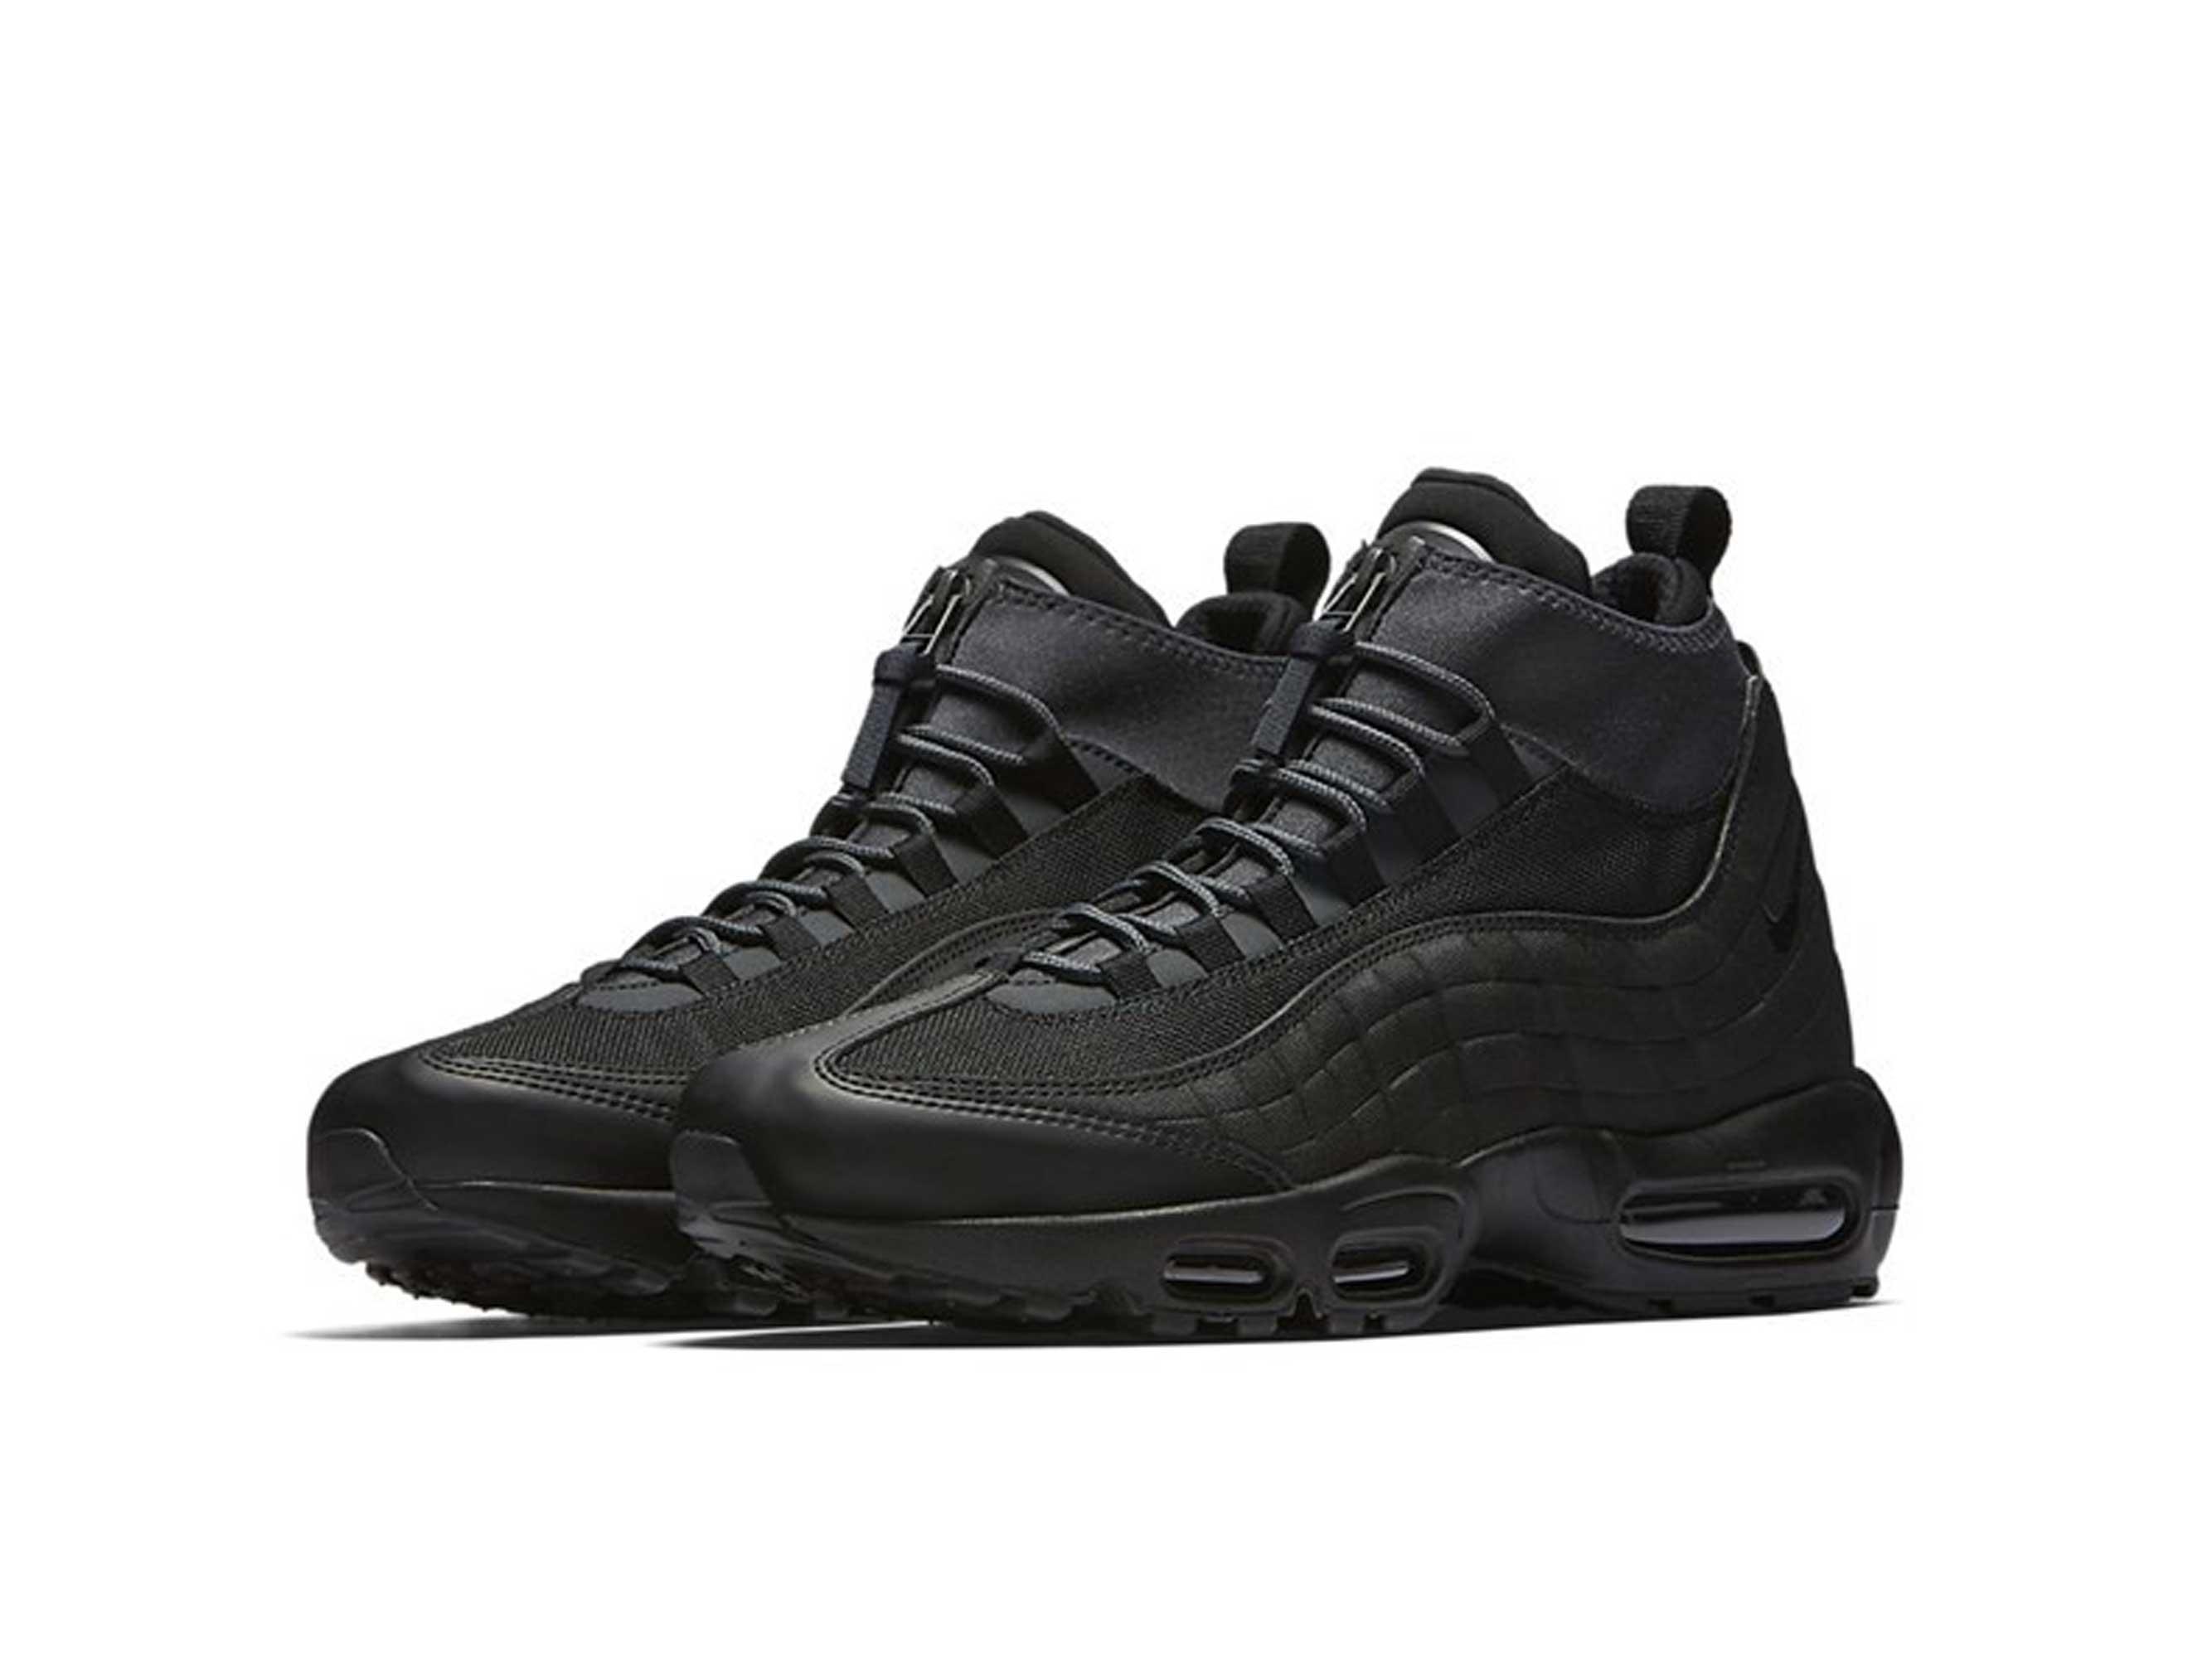 nike air max 95 sneakerboot black 806809_001 купить